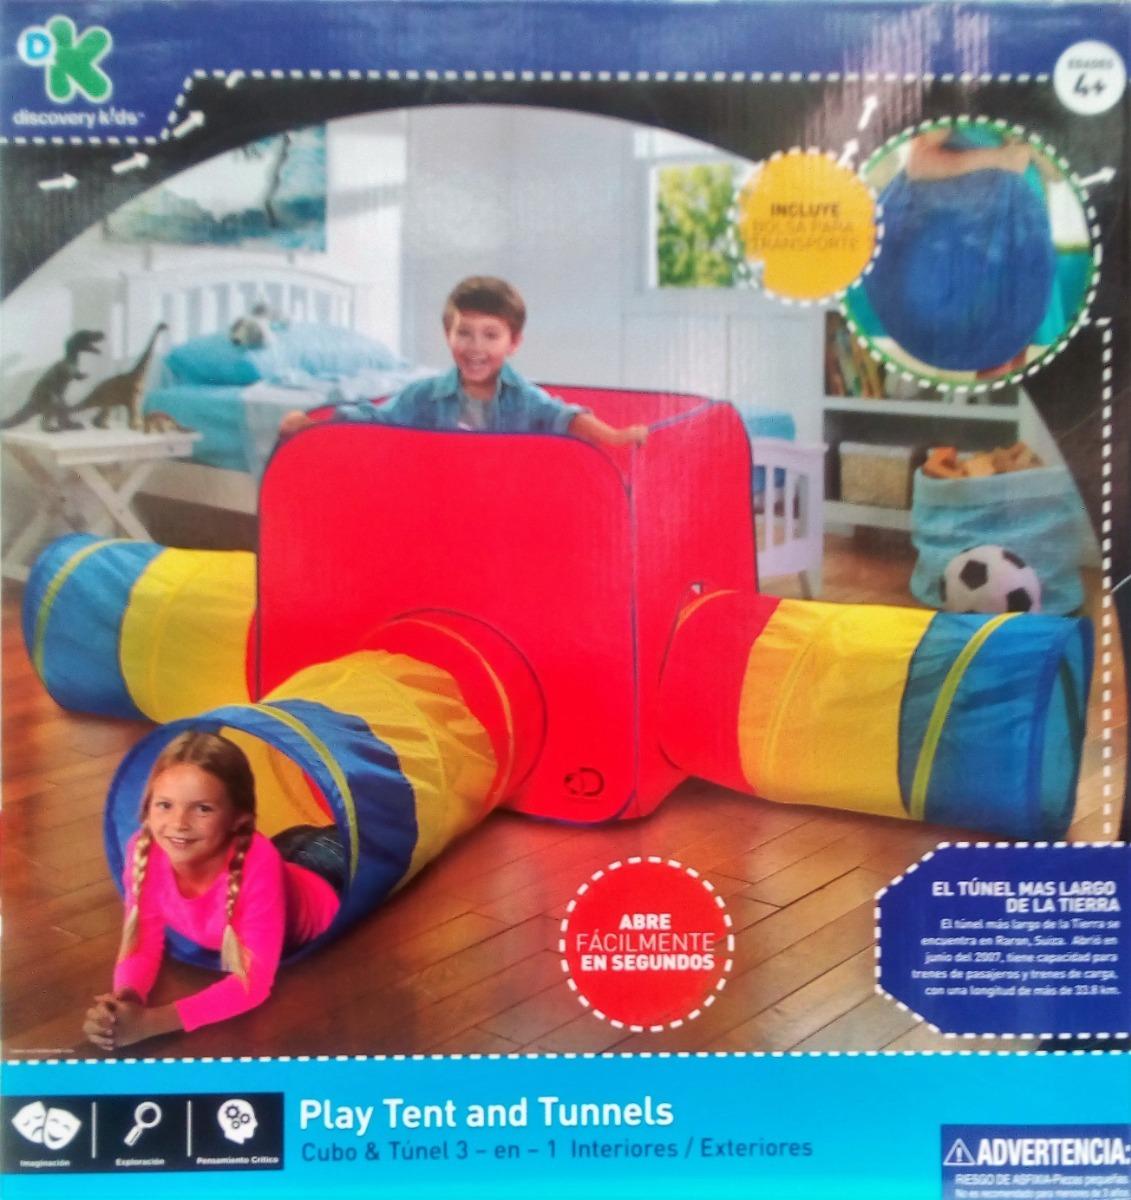 Tunel Y Cubo 3 En 1 Discovery Kids 1 199 00 En Mercado Libre